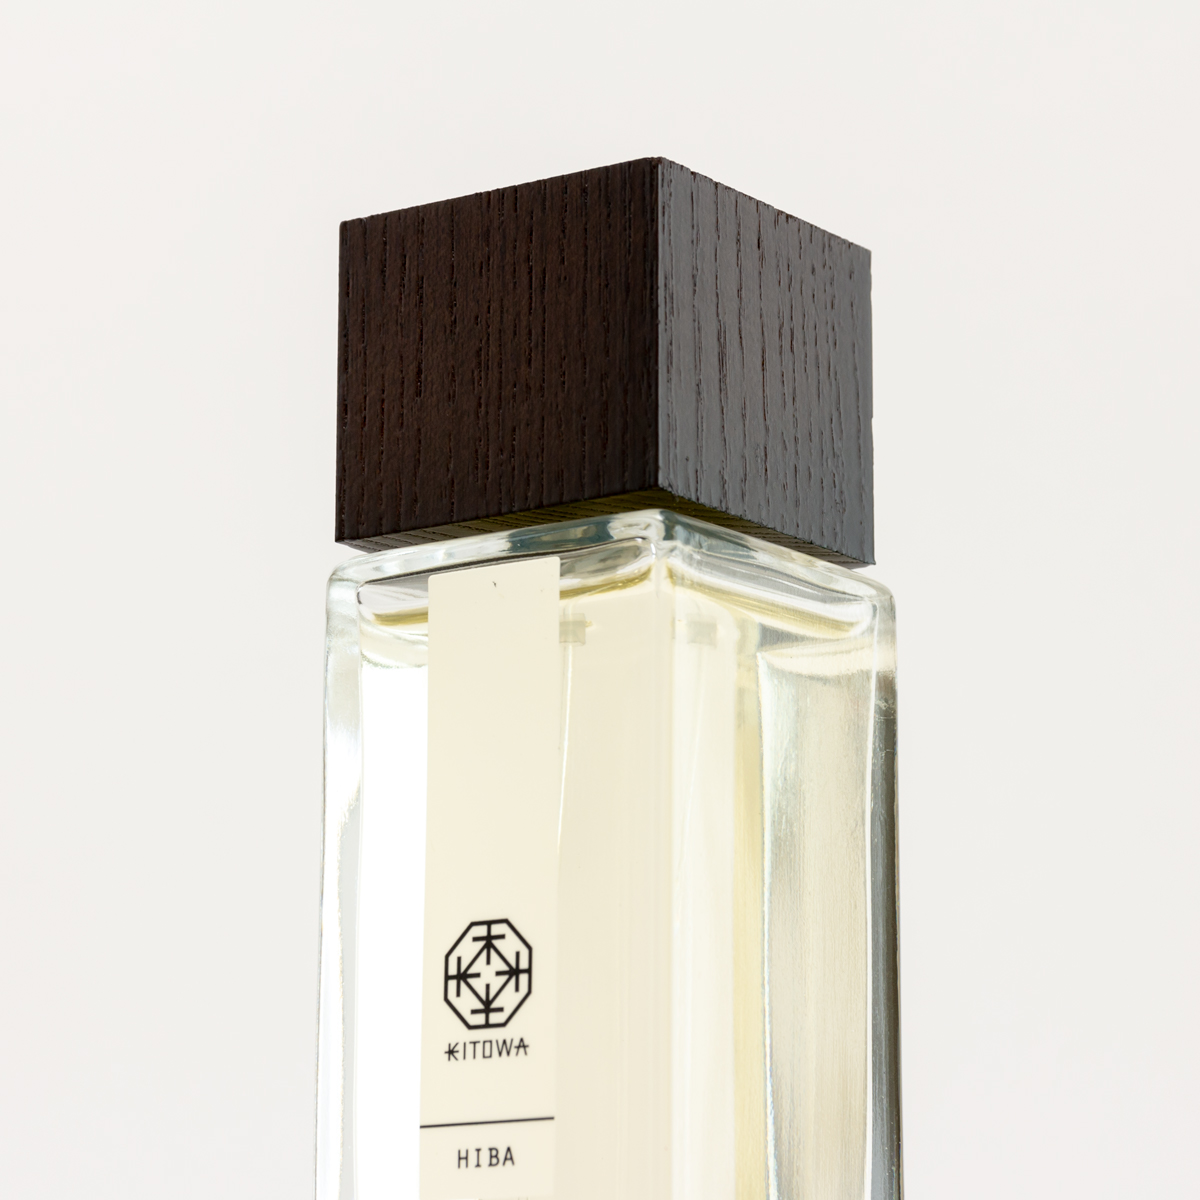 モダンなインテリアに似合うスクエアボトル|伝統の薫香技術が生む「香り」で、空間の模様換え。たった1本で気分を一新するリフレッシャーミスト(ルームフレグランス)|KITOWA